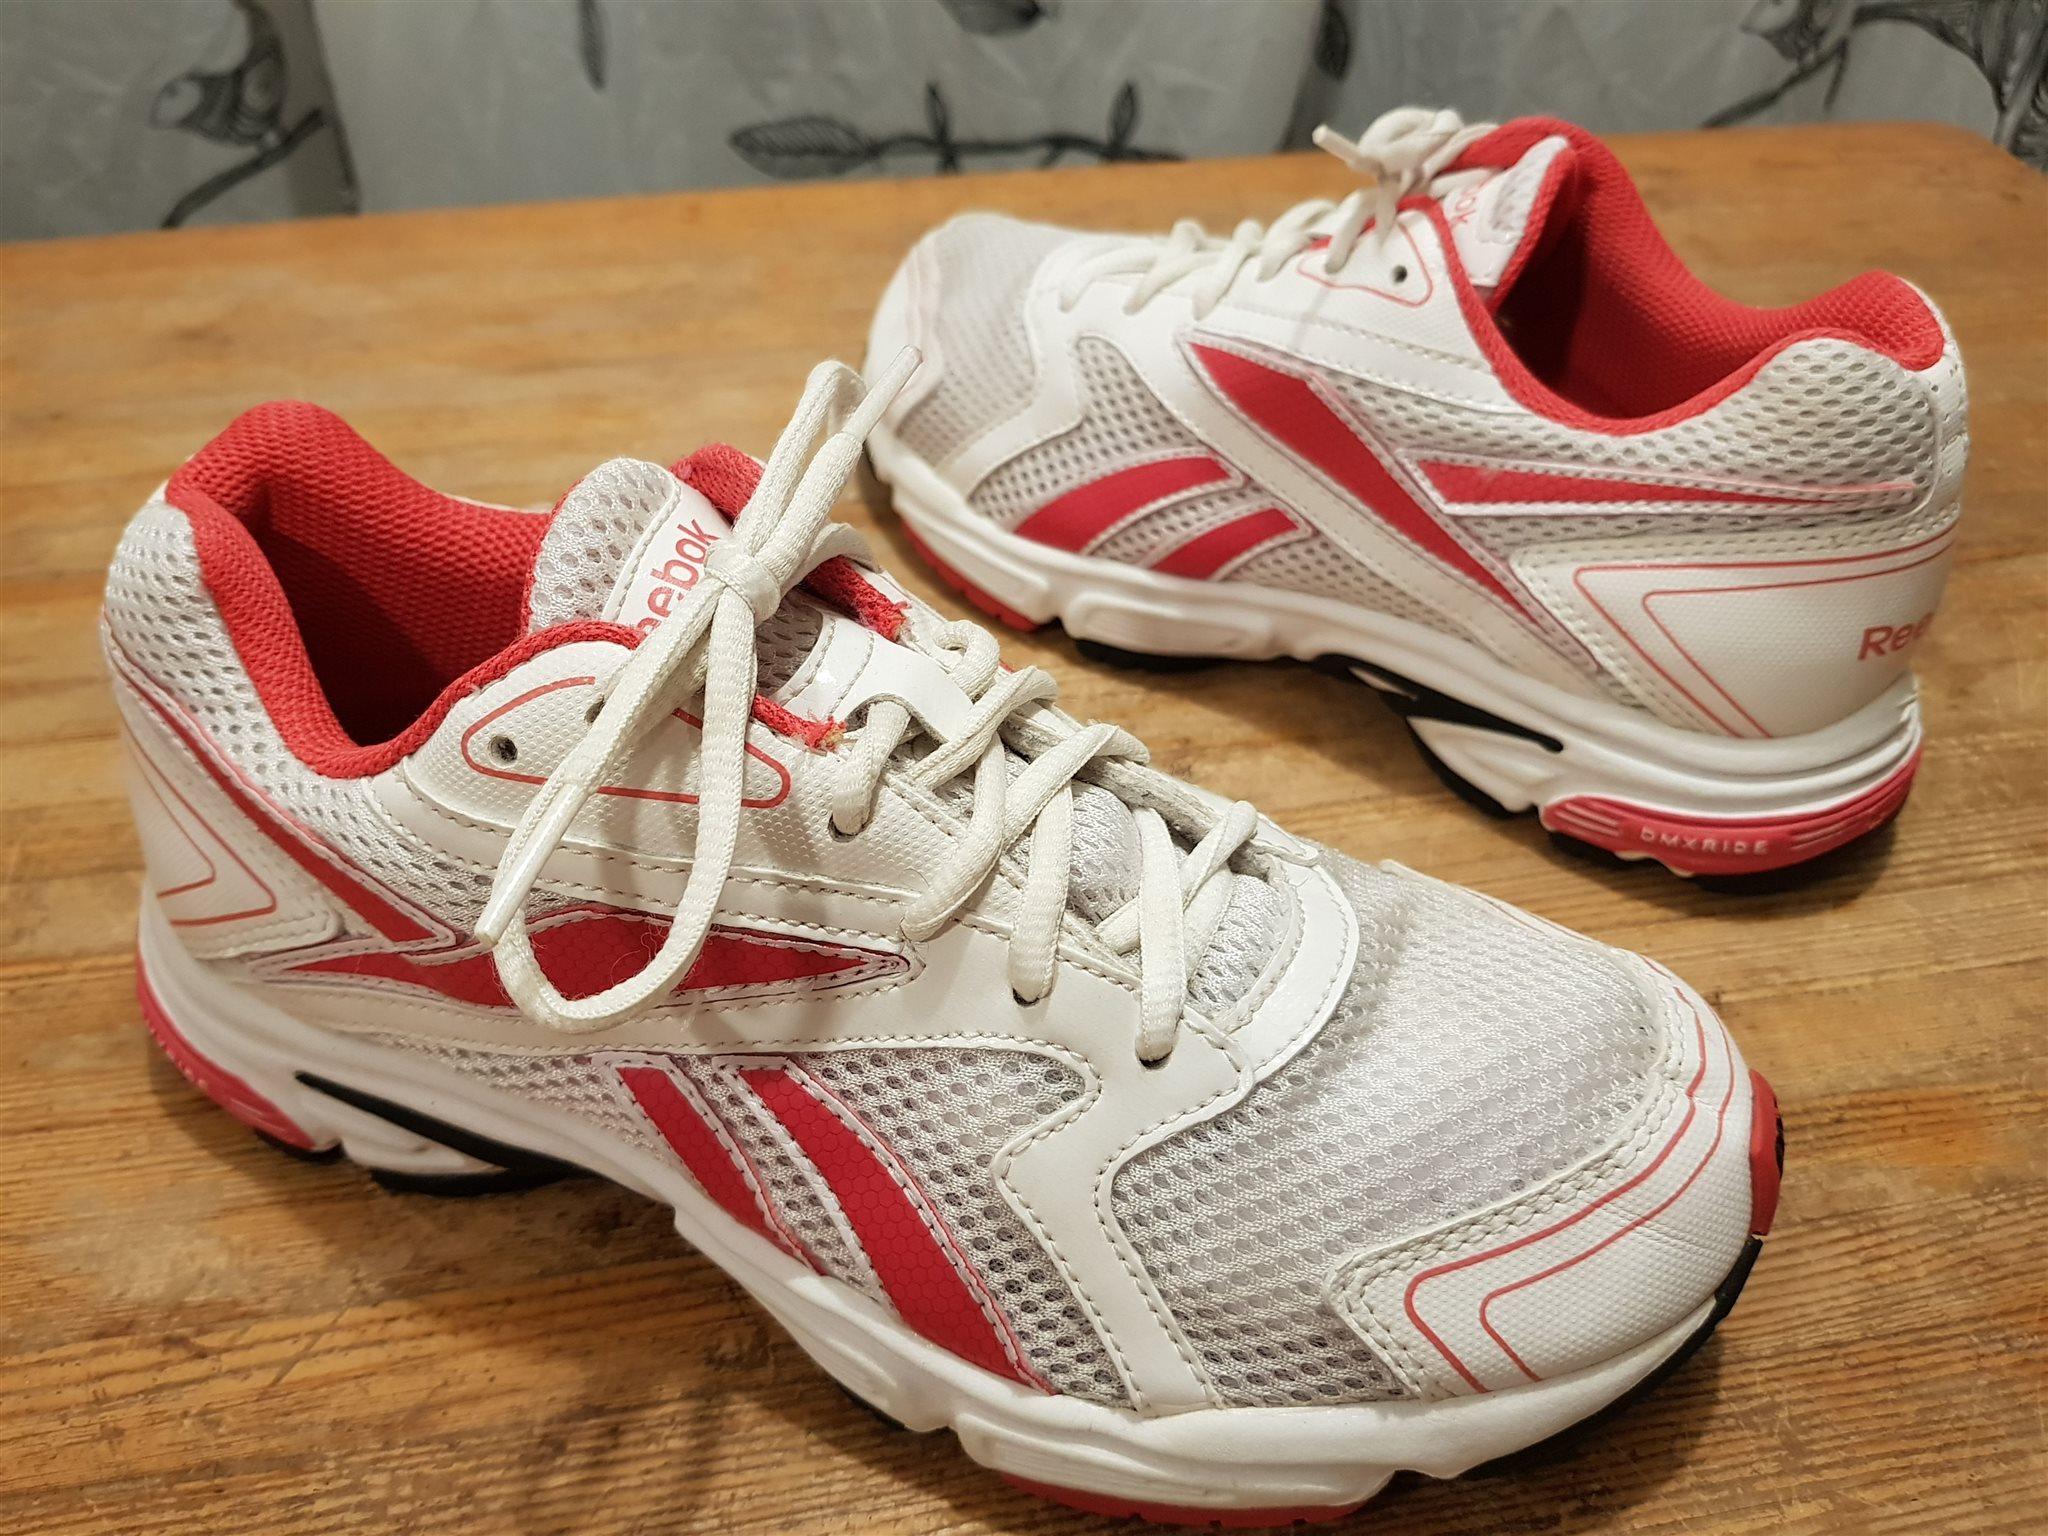 newest collection acf3e 0eafe Sneakers löparskor Reebook DMX Ride fritidsskor str 37,5 i fint skick